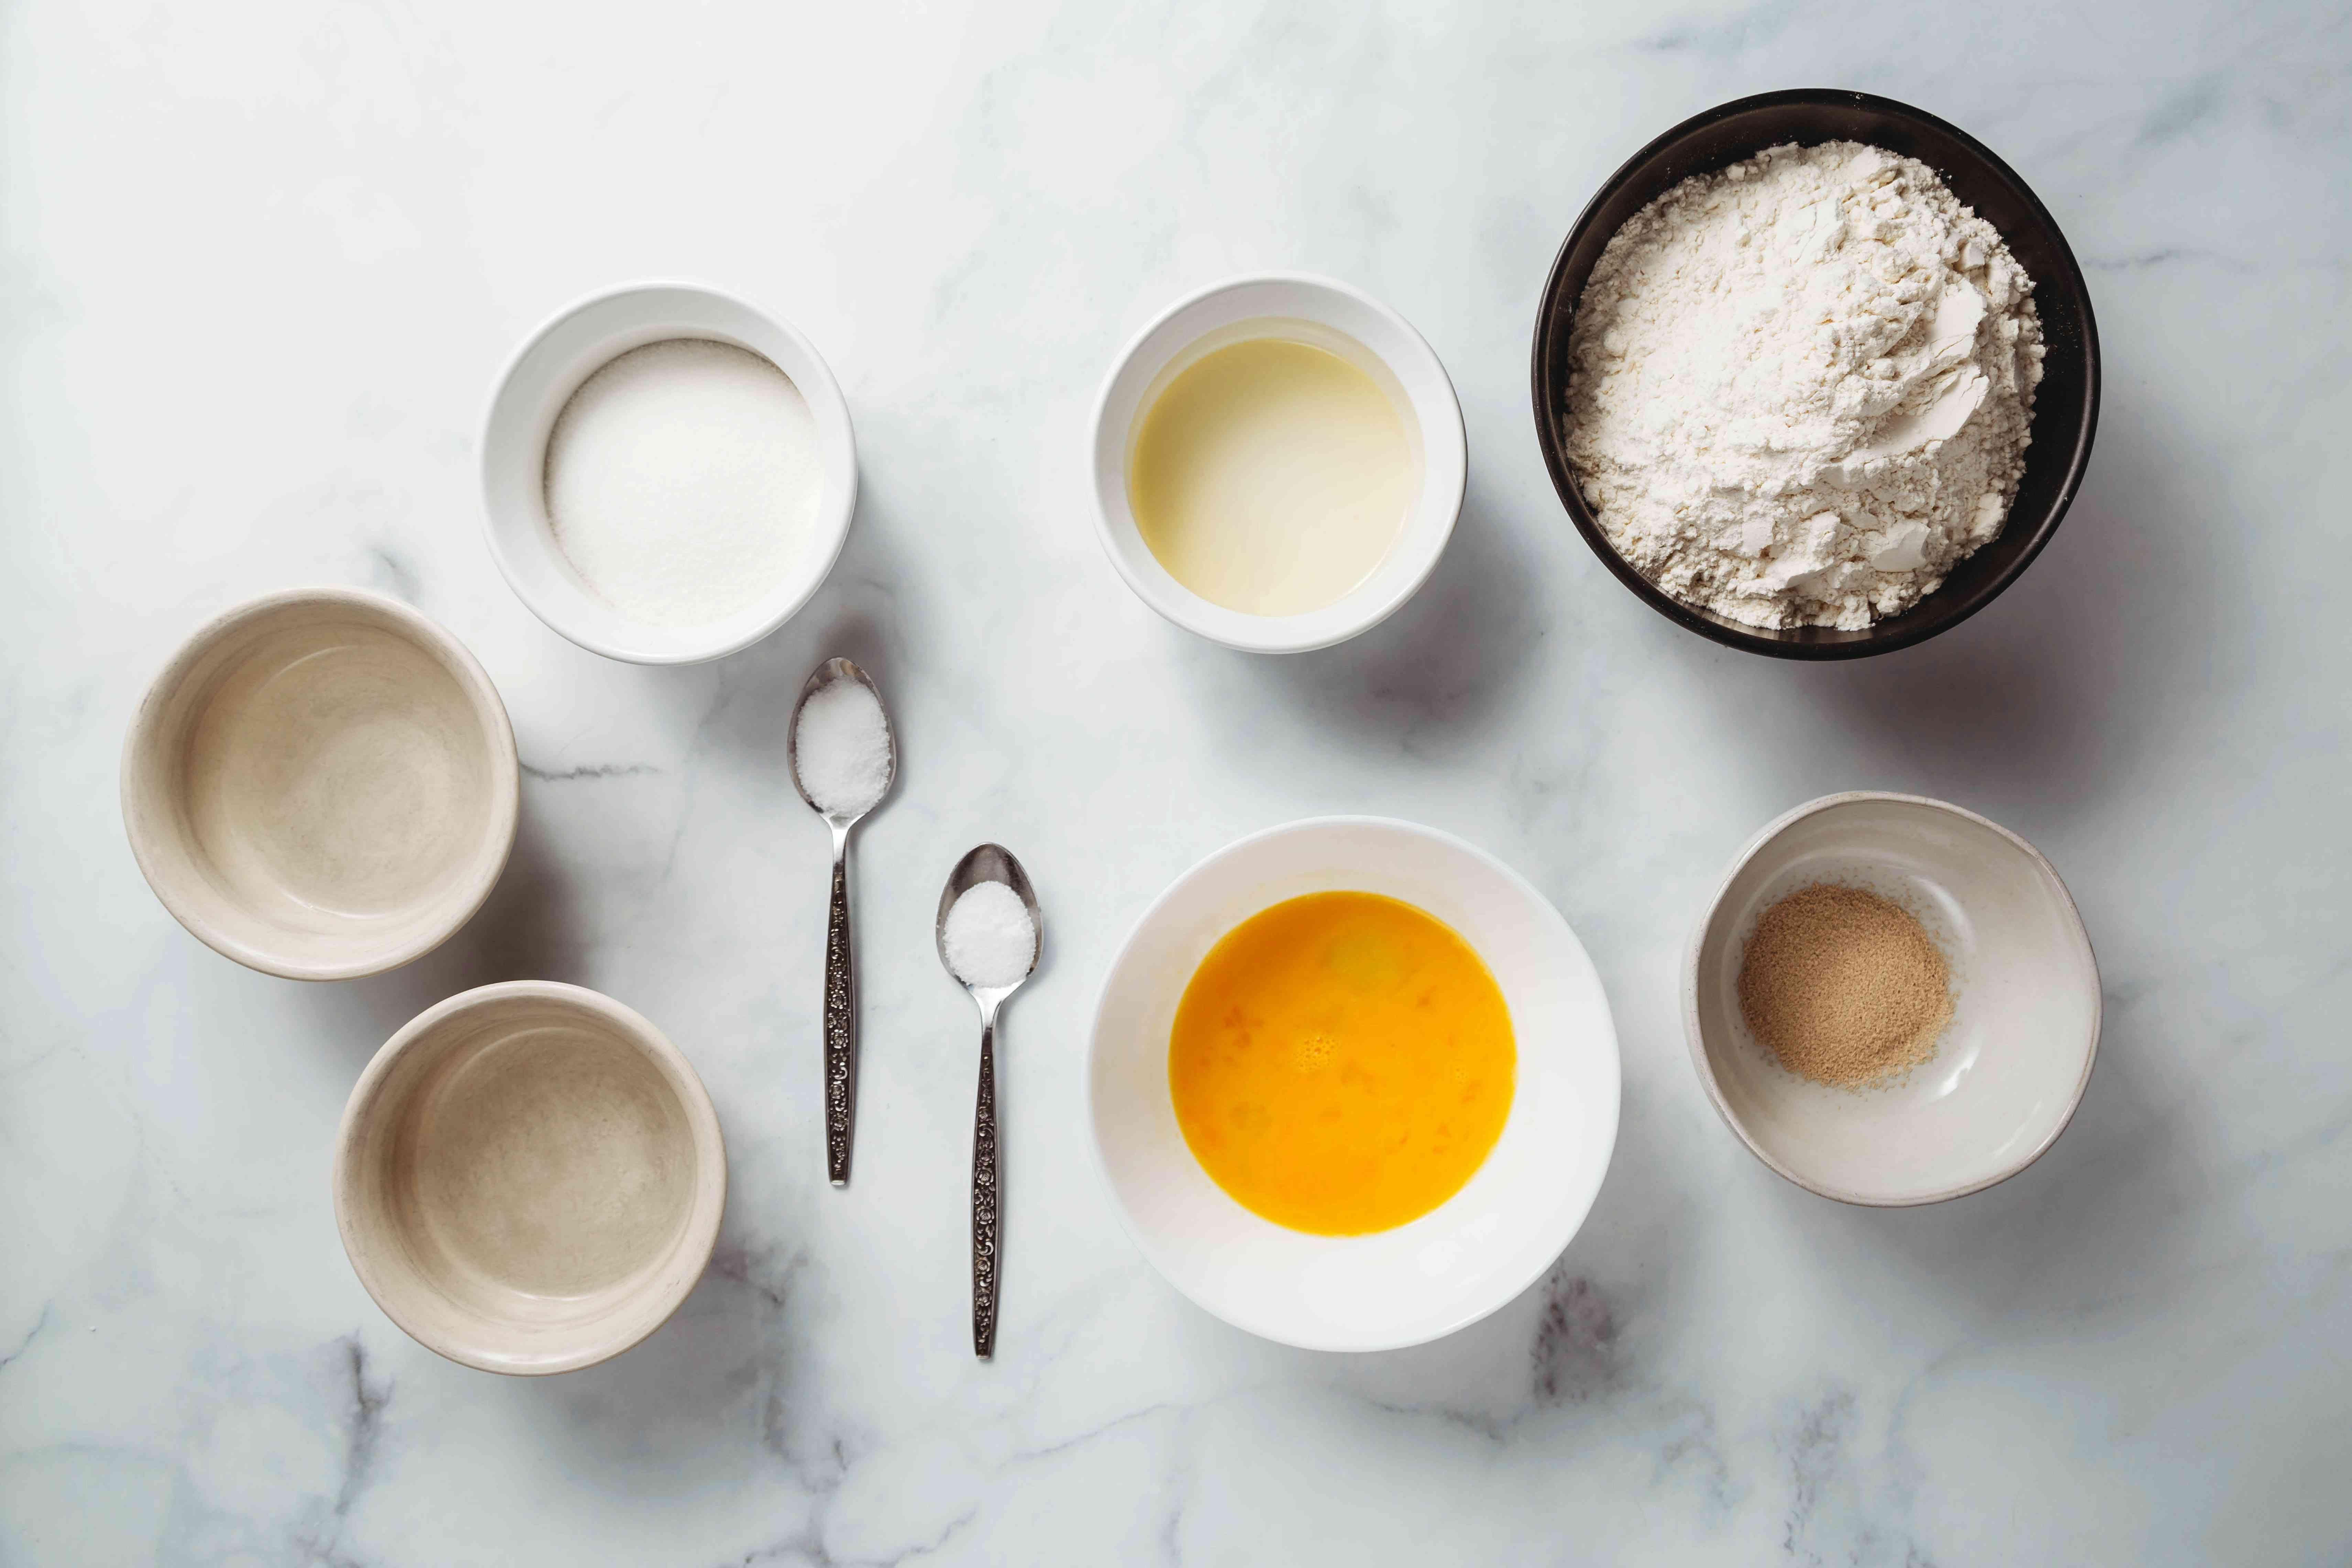 Basic Chinese Bun Dough ingredients